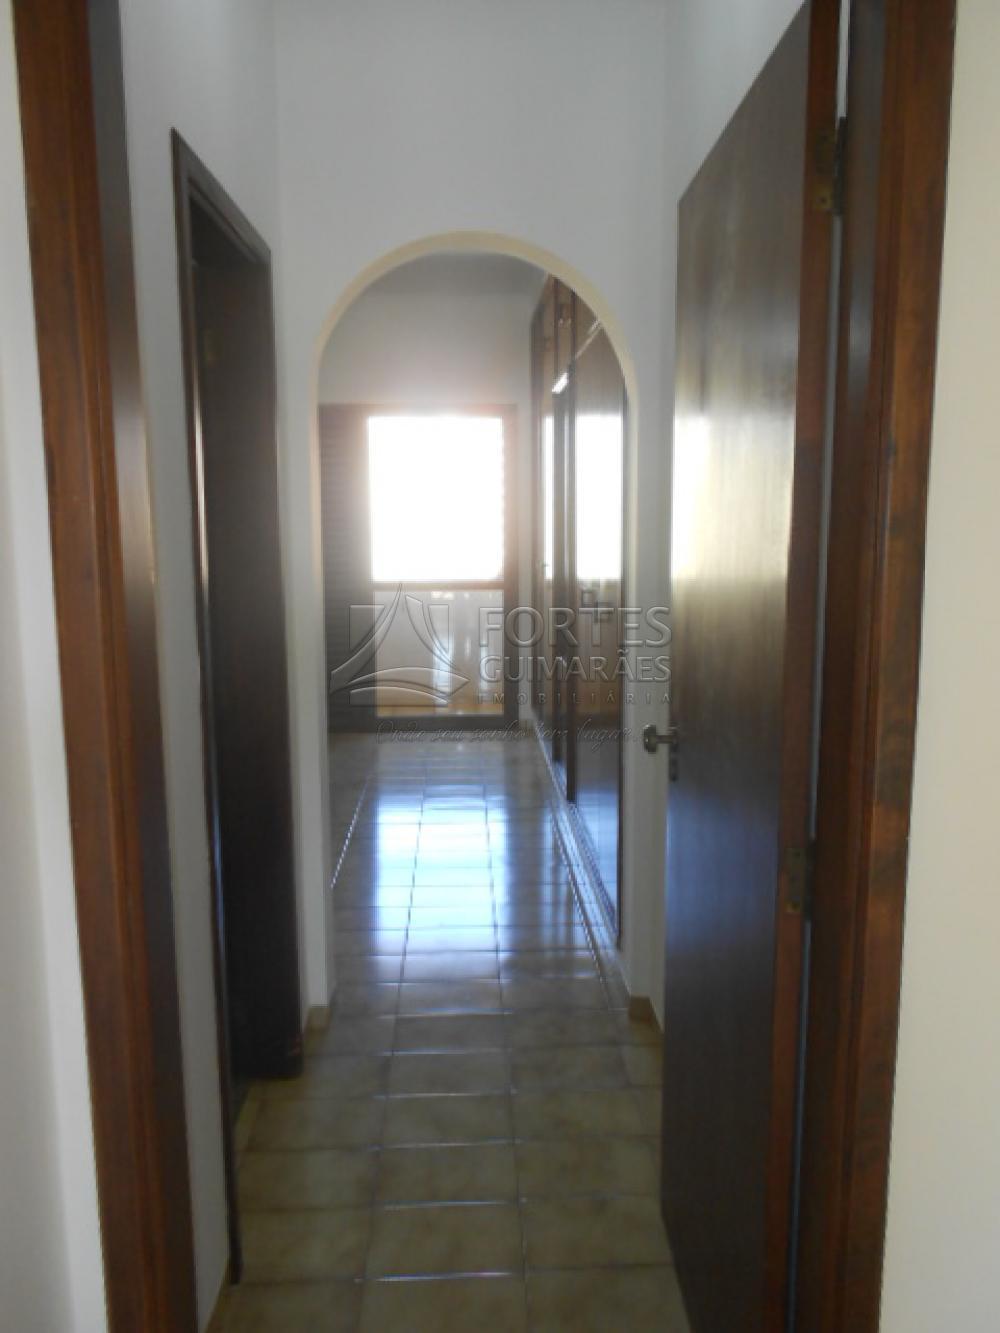 Alugar Apartamentos / Padrão em Ribeirão Preto apenas R$ 1.250,00 - Foto 32